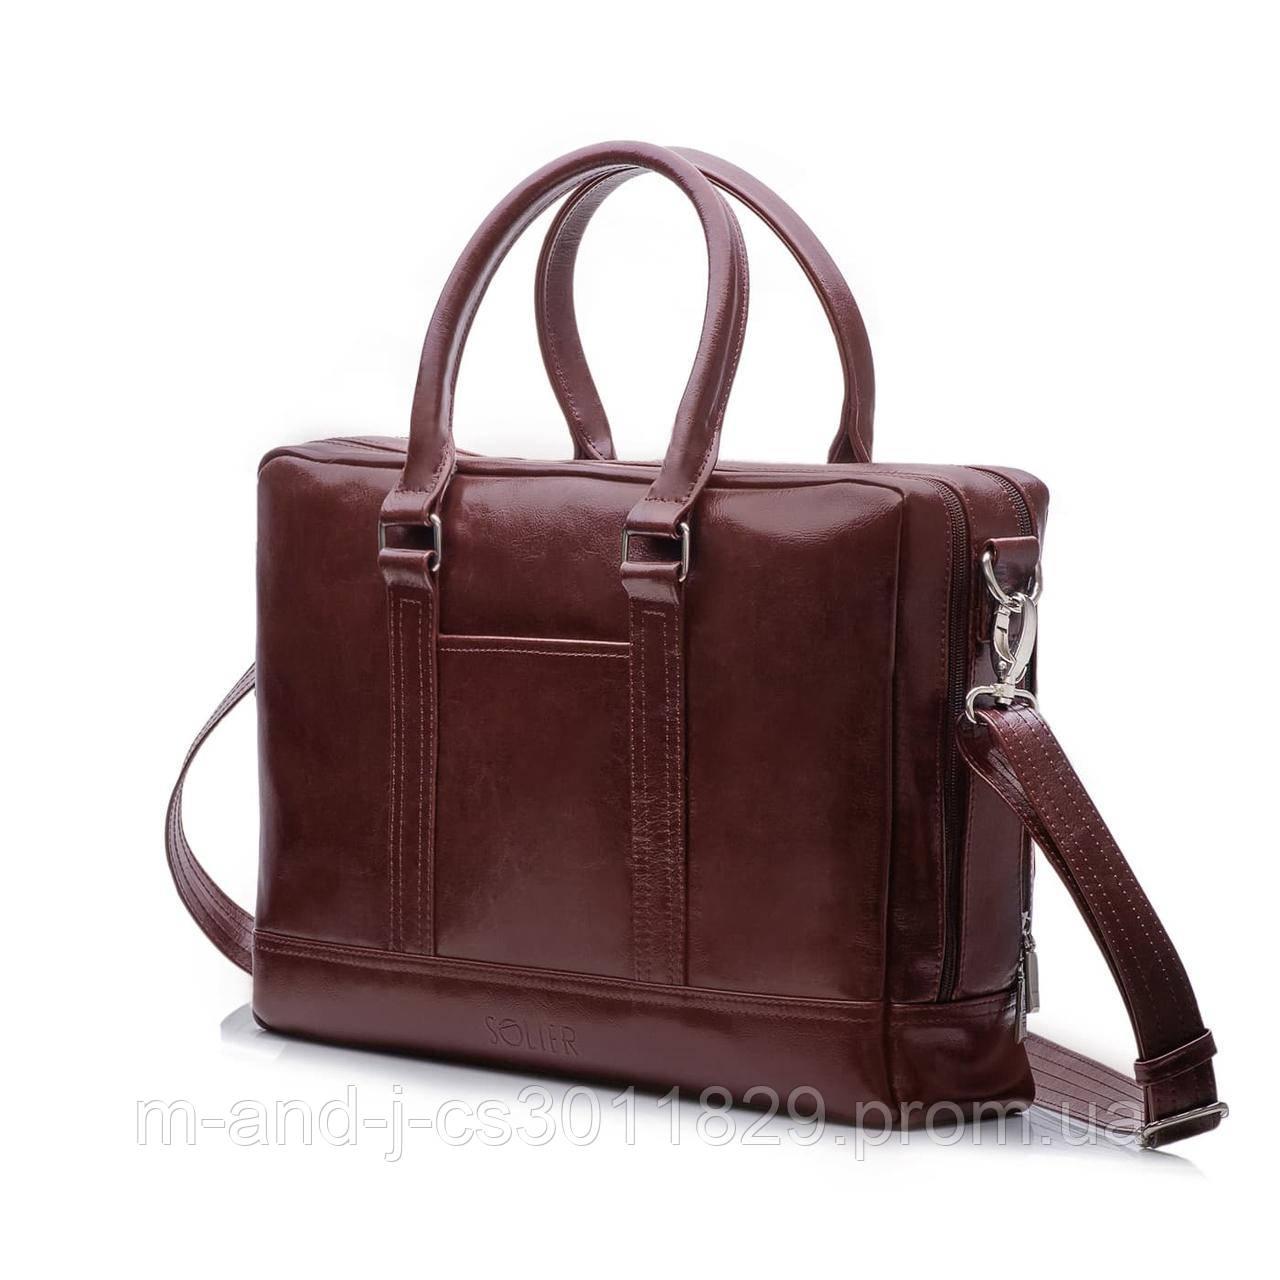 59e7a92cd99e Кожаная сумка на плечо для ноутбука и документов Каштановая Solier SL02 -  Интернет-магазин компании